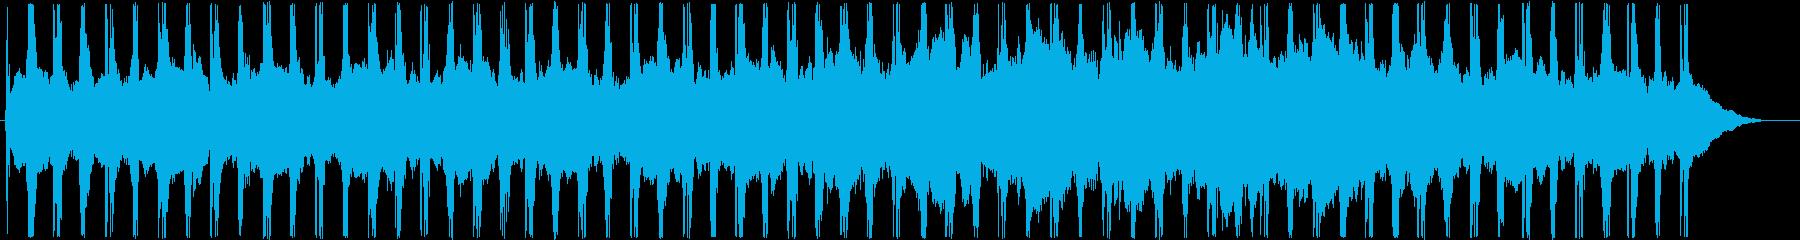 アンビエントミュージック 神経質 ...の再生済みの波形